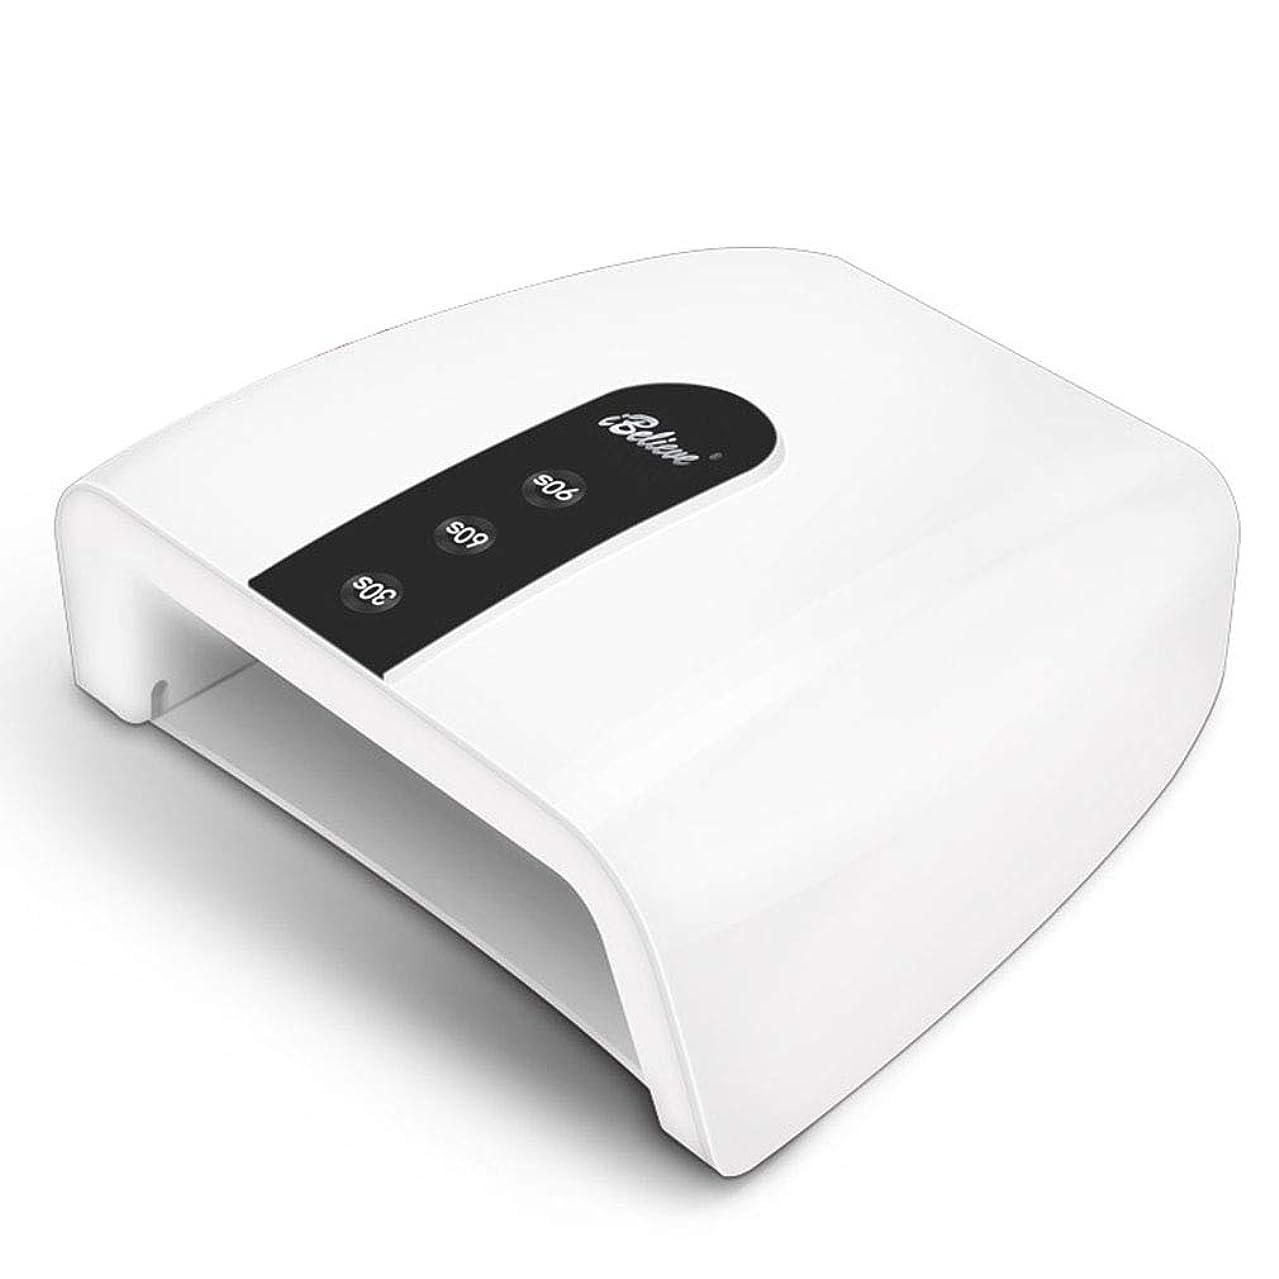 ノミネート対人信頼性インテリジェントランプ機能付きジェルネイルポリッシュシェラック、オープンデザイン、30秒/ 60秒/ 90秒時間設定用36W UV LEDランプネイルドライヤー